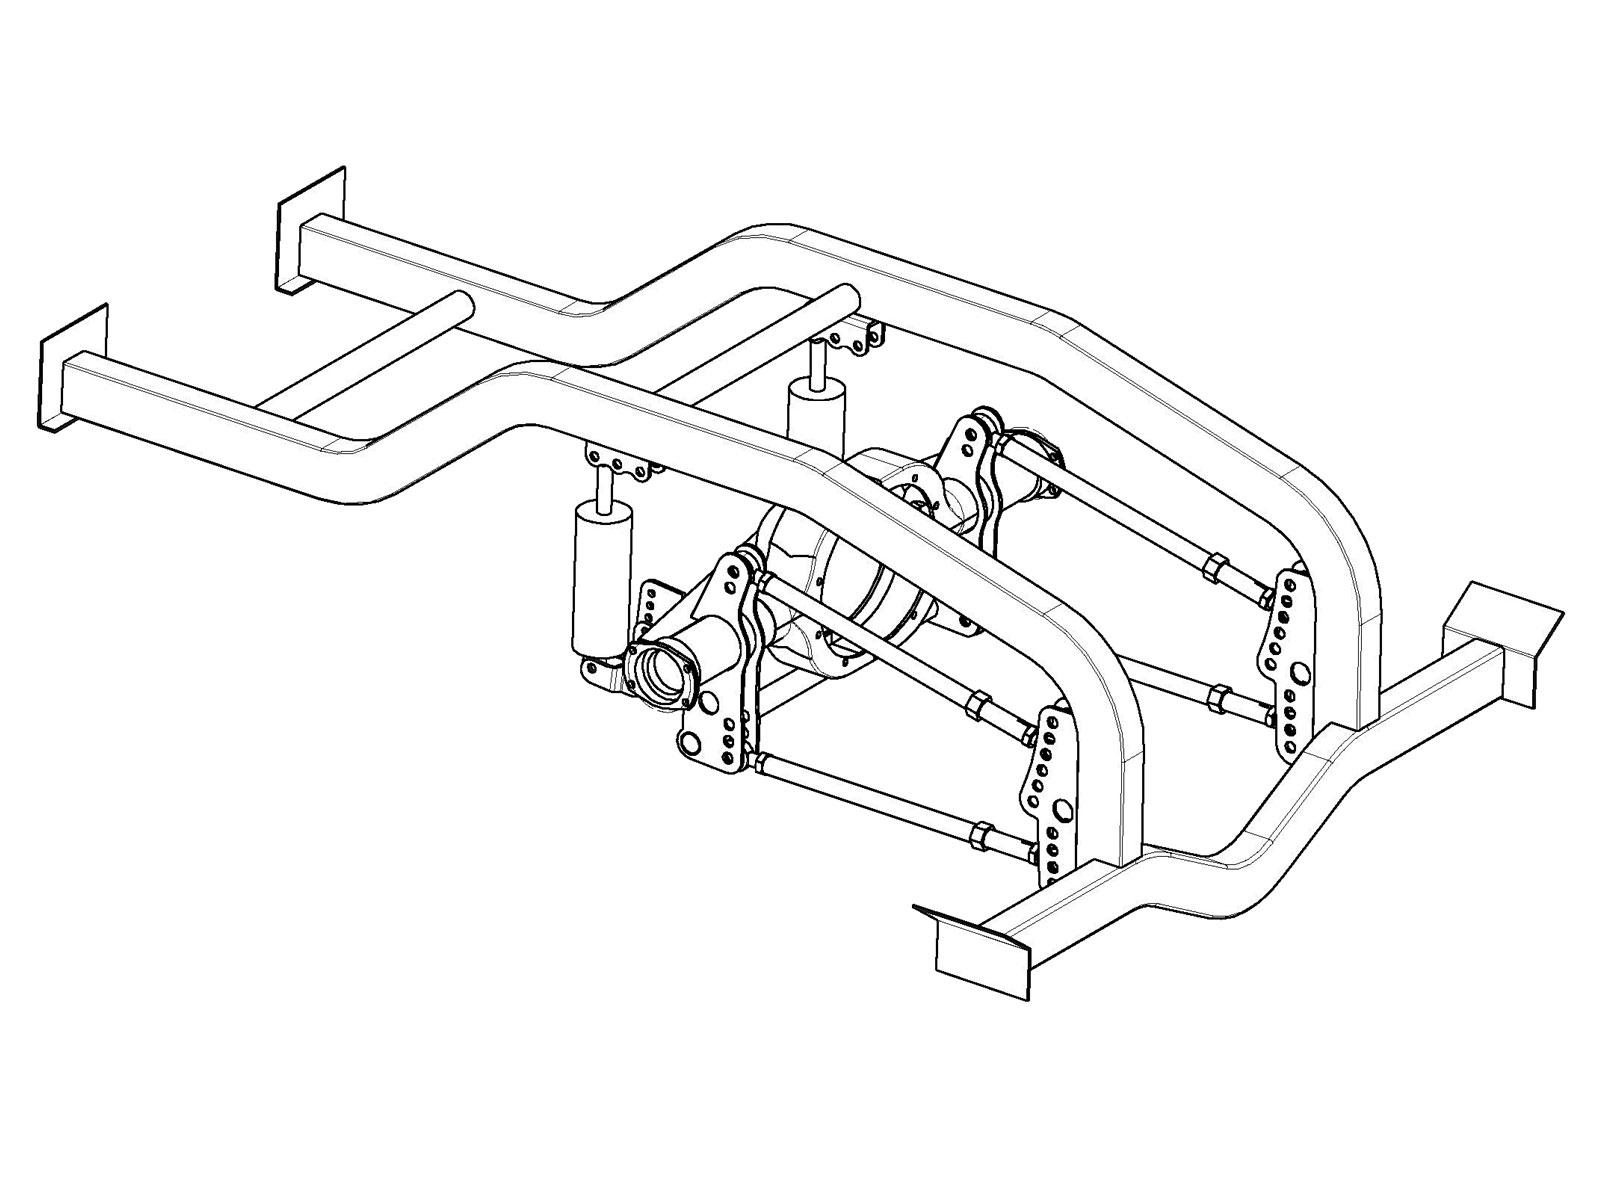 4-link-drawing.jpg